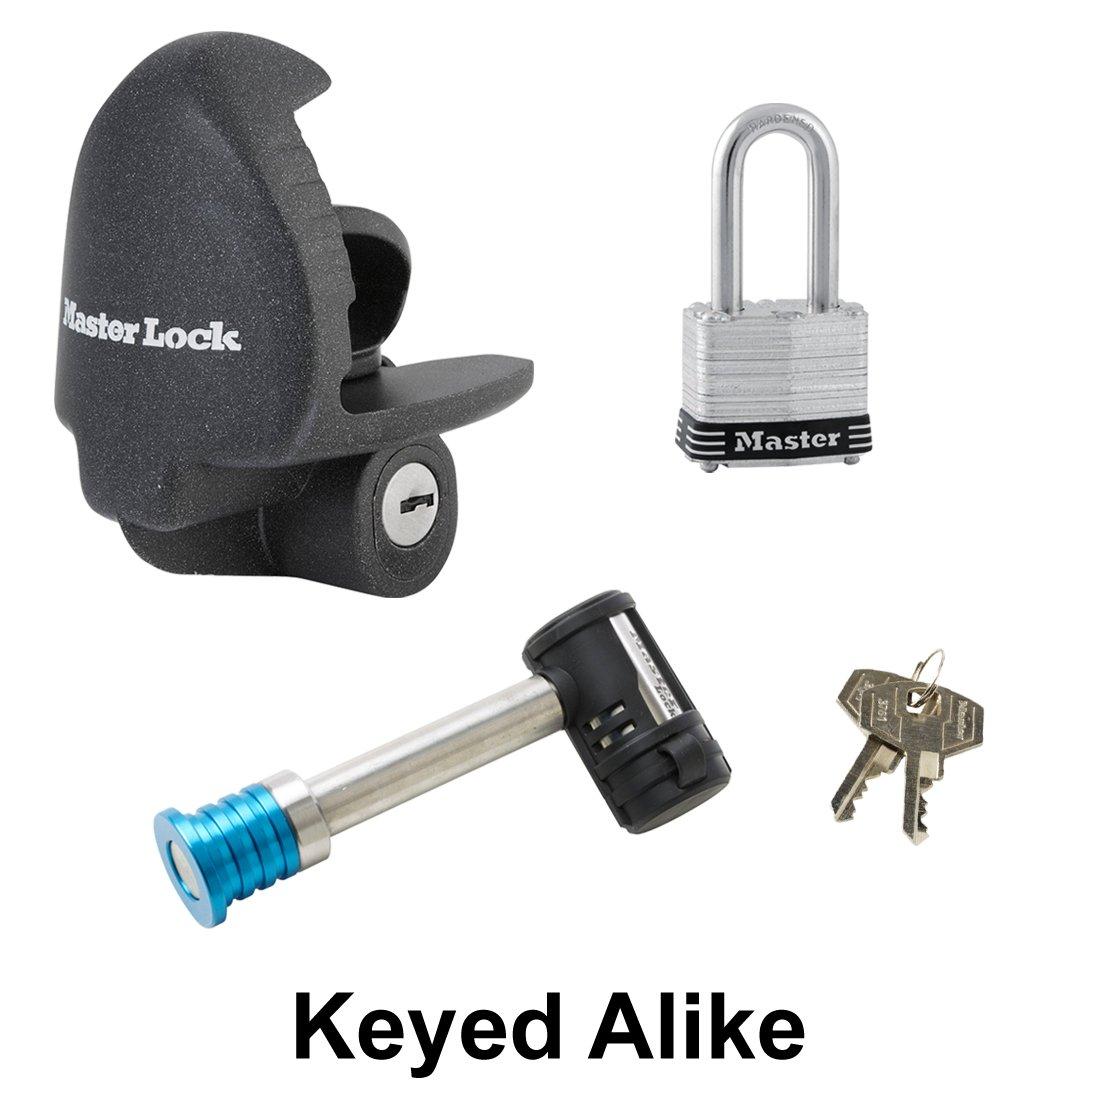 Master Lock - 3 Trailer Locks Keyed Alike 3KA-379-3